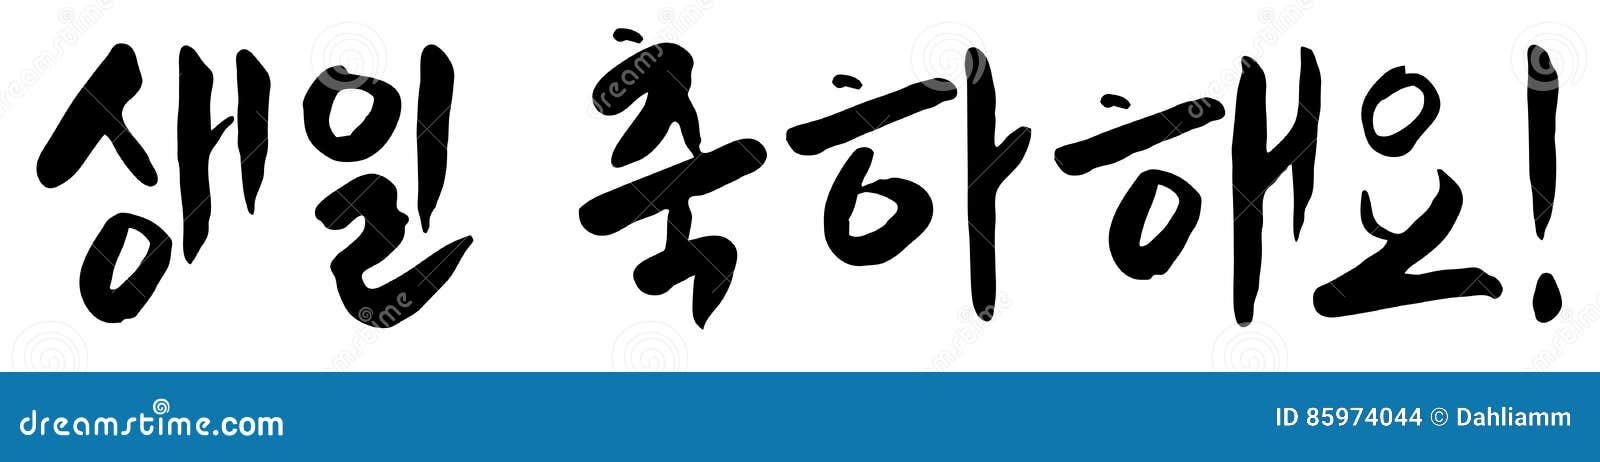 поздравления на день рождения на корейском только